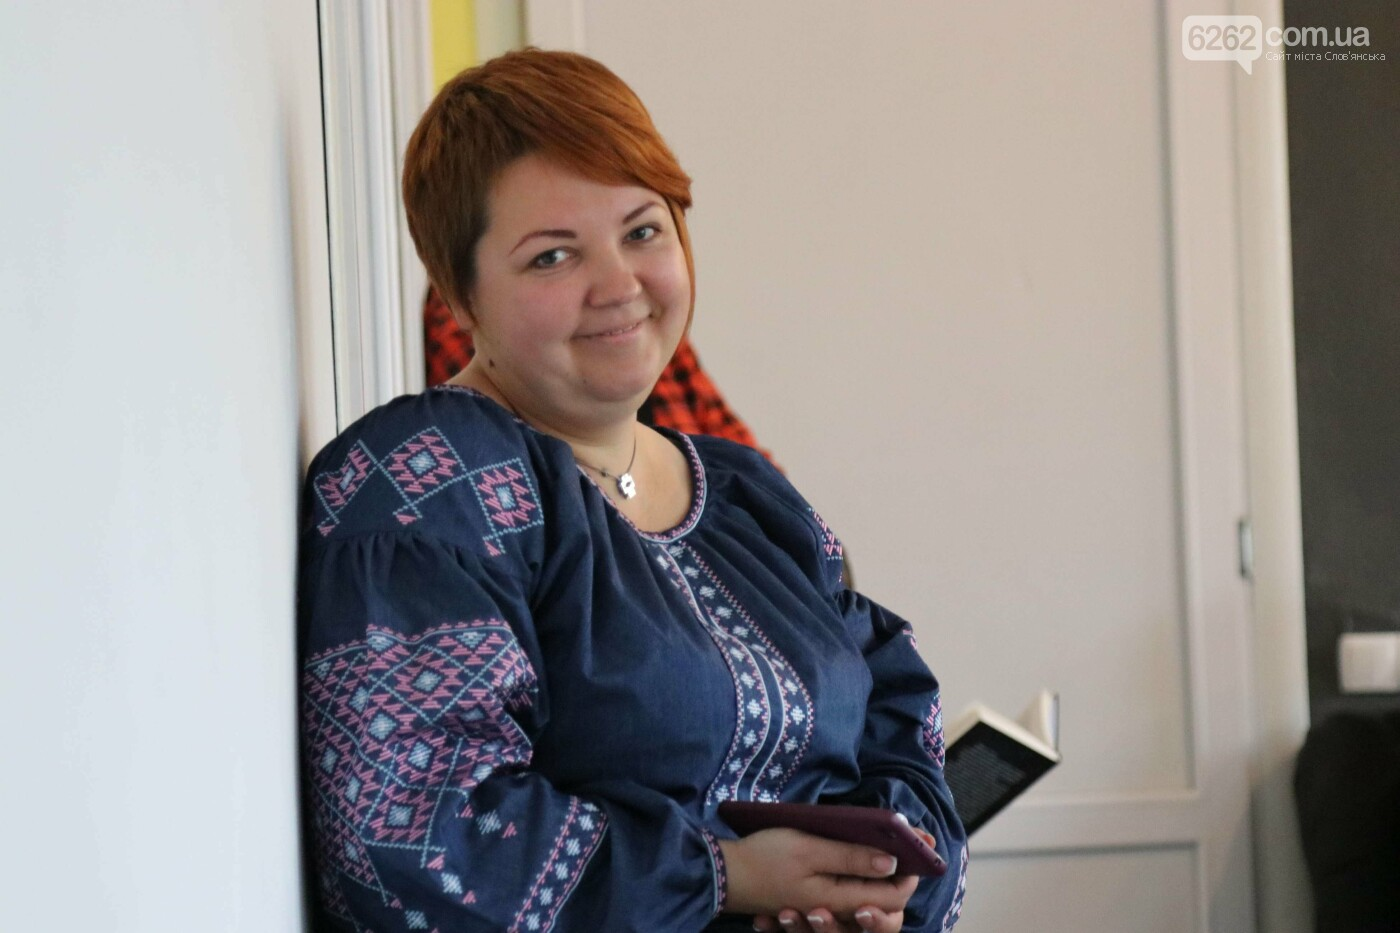 Макс Кідрук у Слов'янську. Як пройшла презентація книги з доповненою реальністю, фото-7